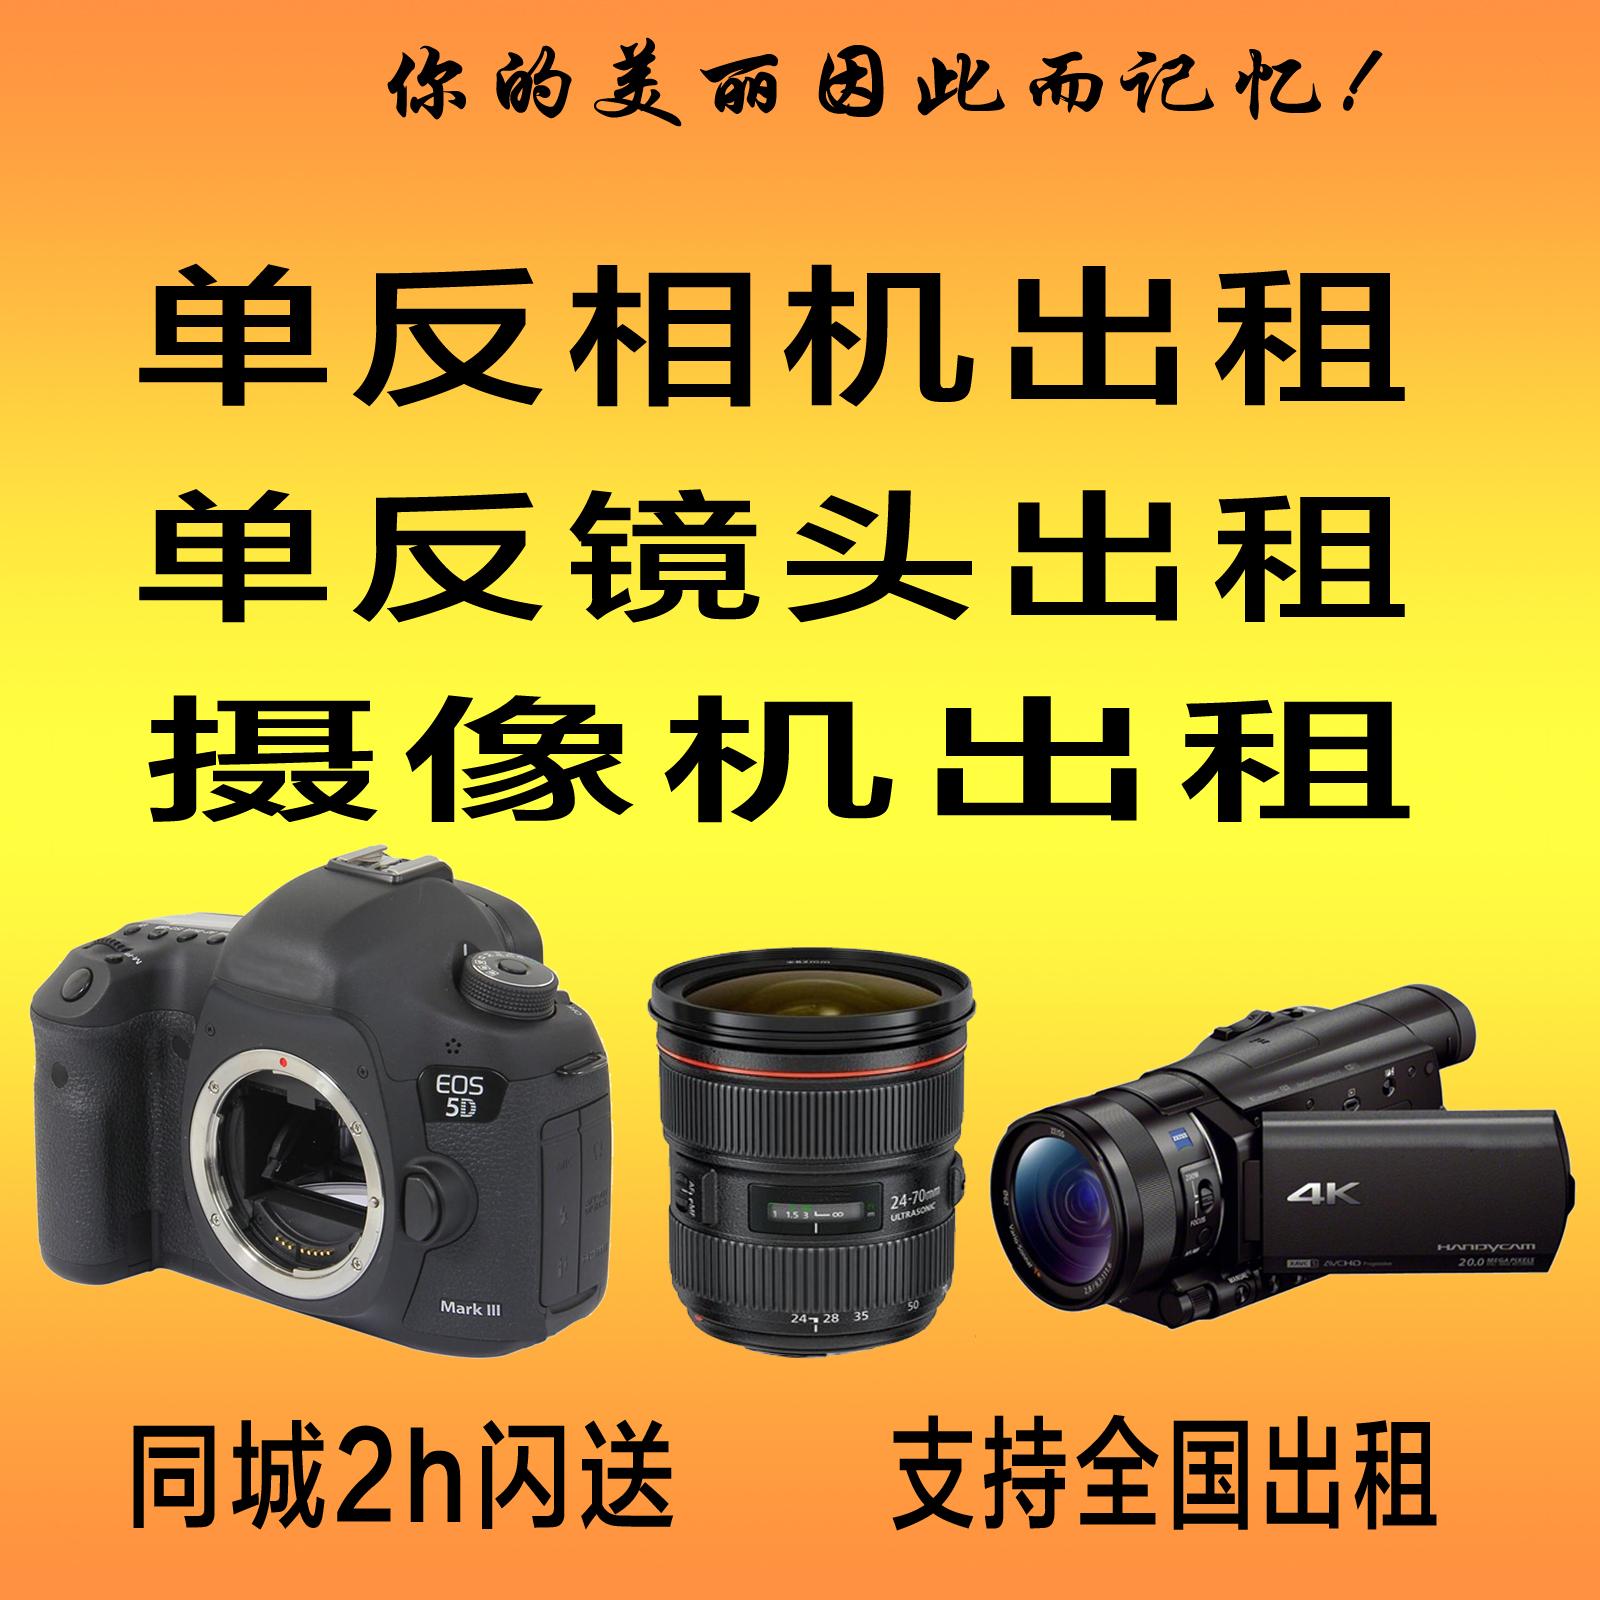 5d3 摄像